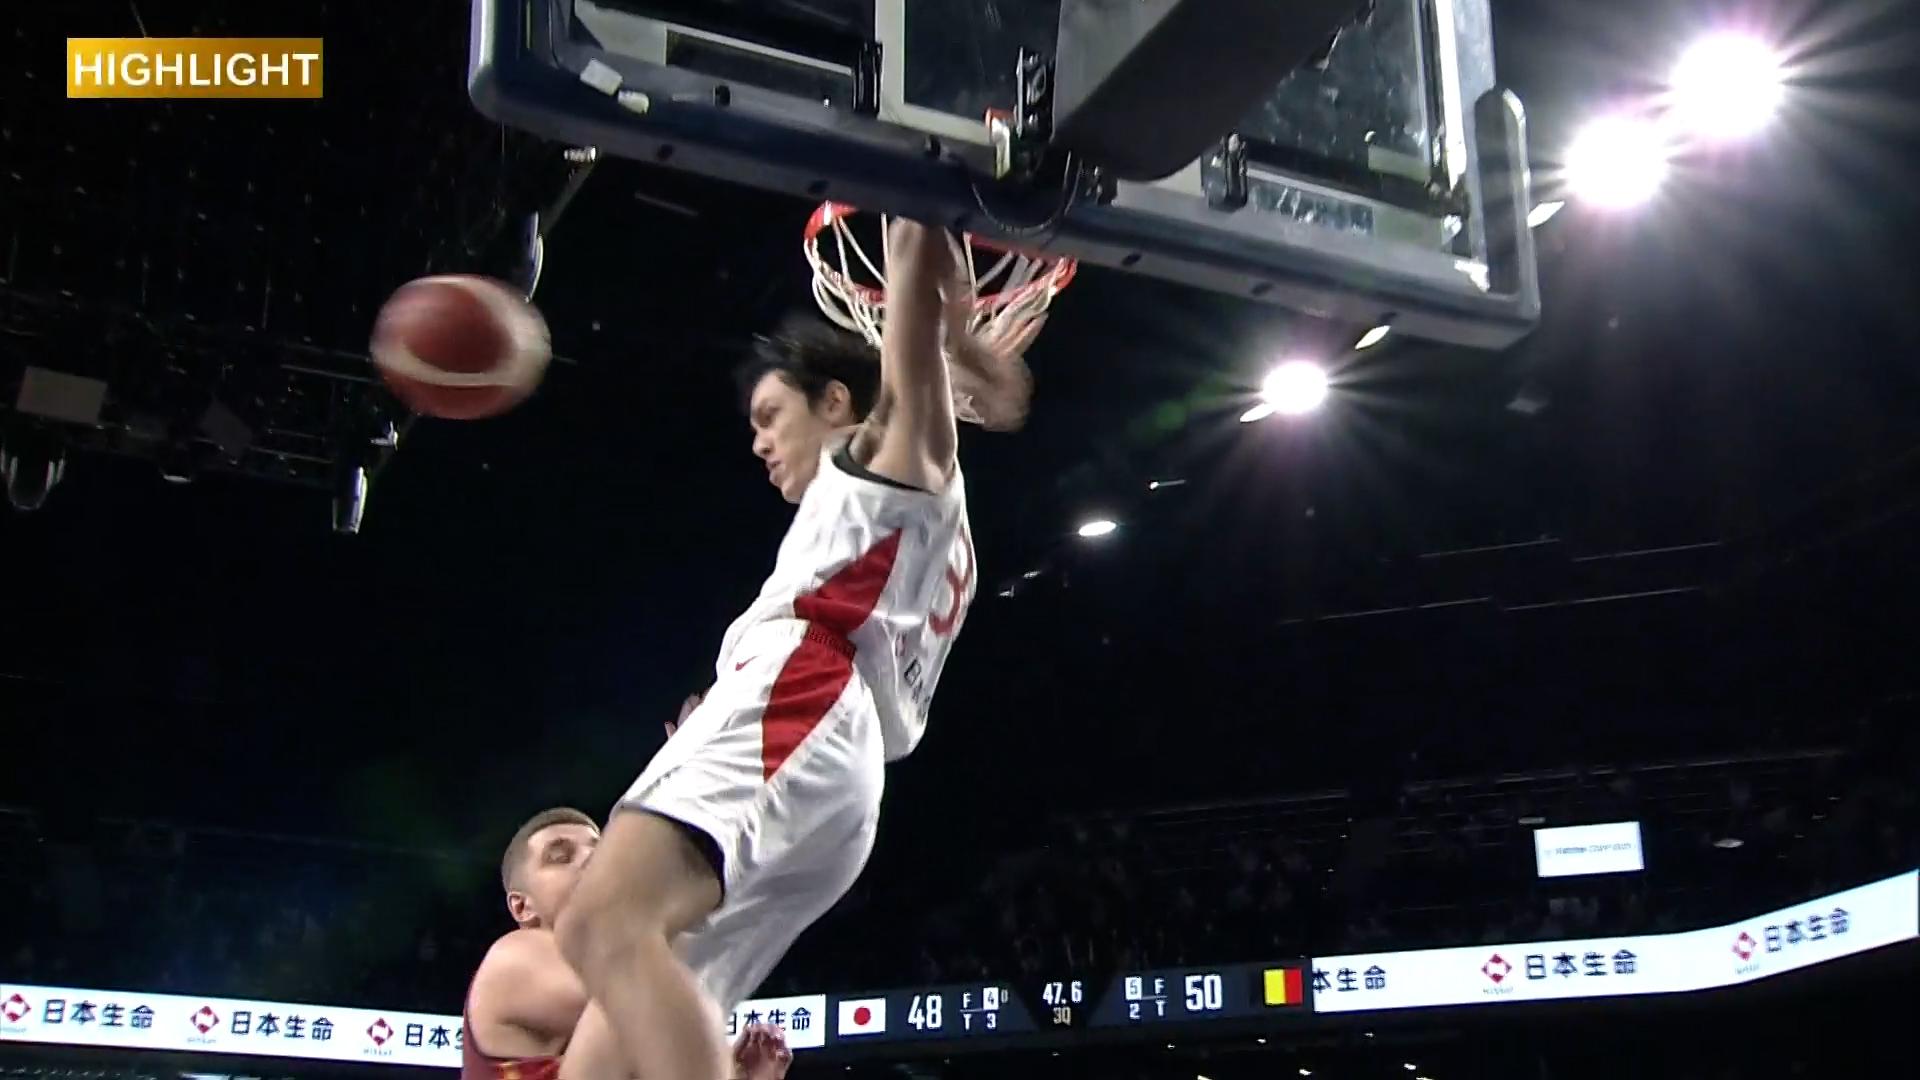 【ハイライト】【バスケ男子国際強化試合2021】日本 vs ベルギー(2021.7.9)